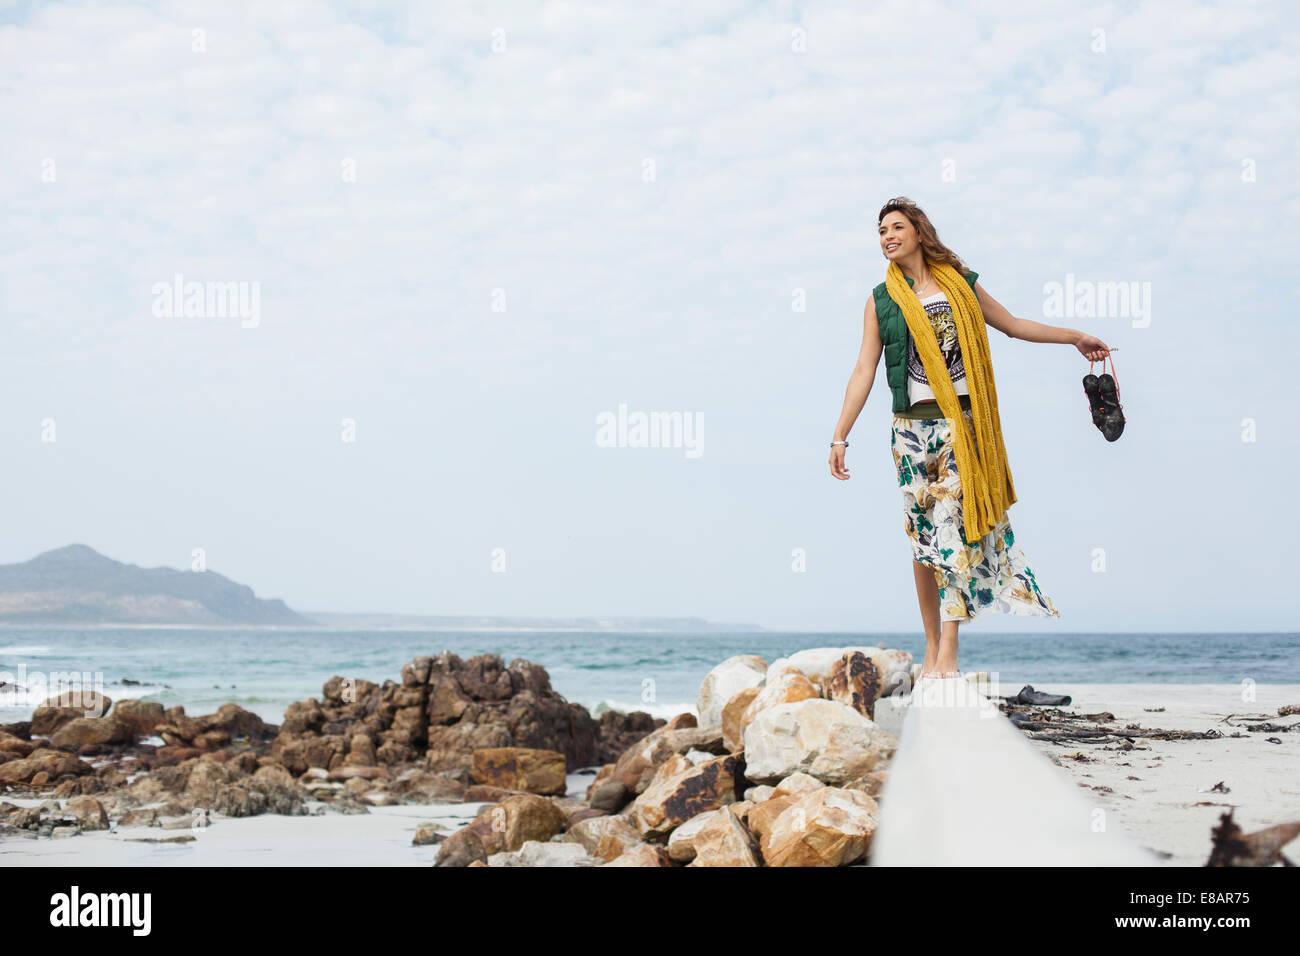 Junge Frau zu Fuß auf Zement-Block auf Beach, Cape Town, Western Cape, Südafrika Stockbild